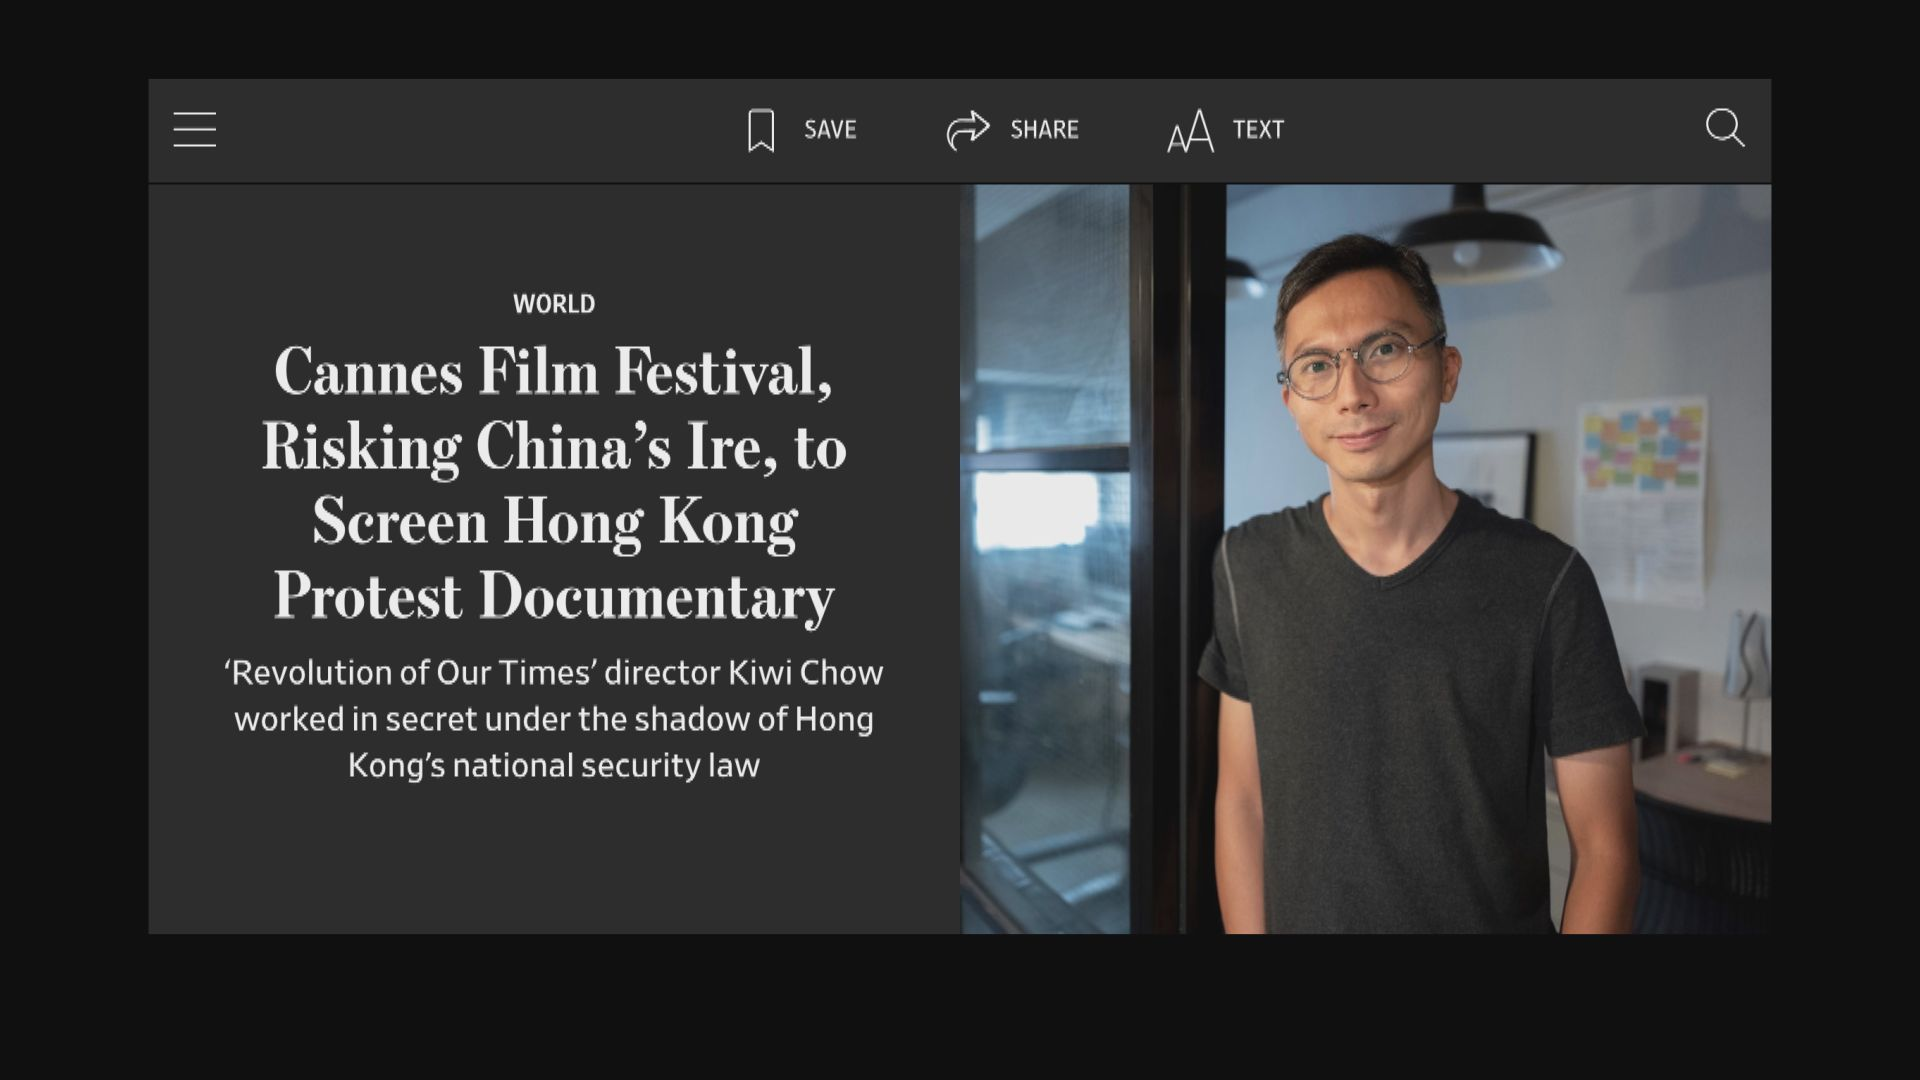 康城影展將放映反修例紀錄片 導演:堅持公開身份因不想屈服於恐懼